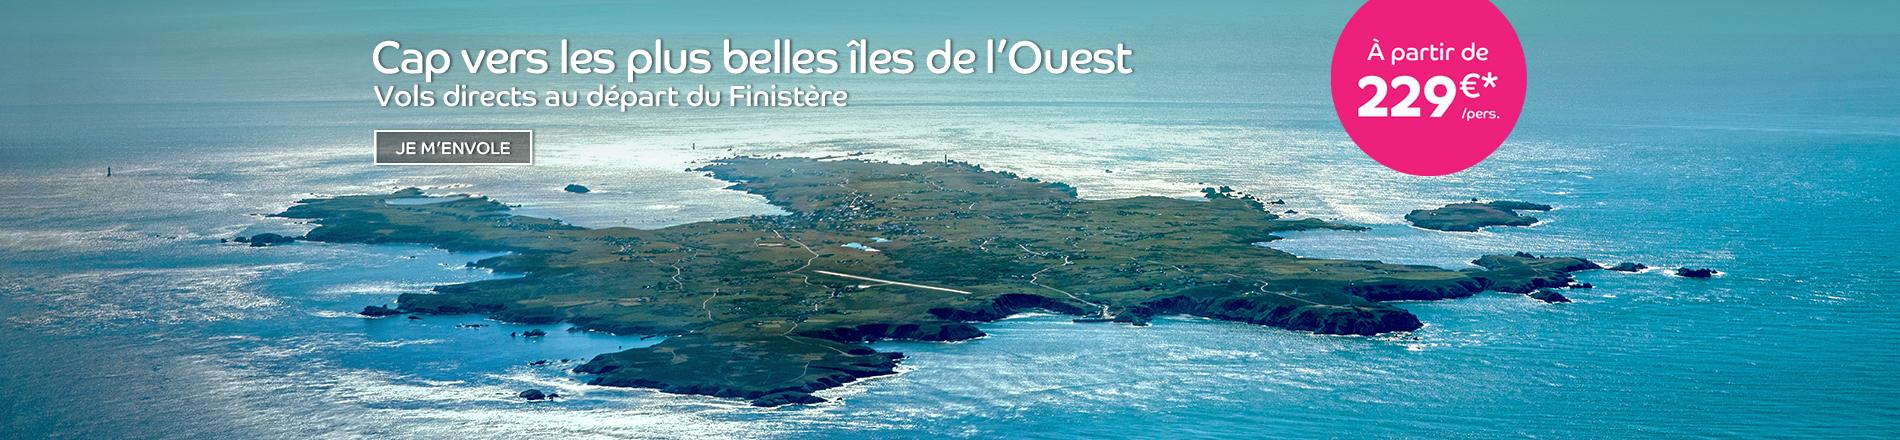 Les îles du Ponant et les îles Anglo-Normandes en vol direct au départ du Finistère